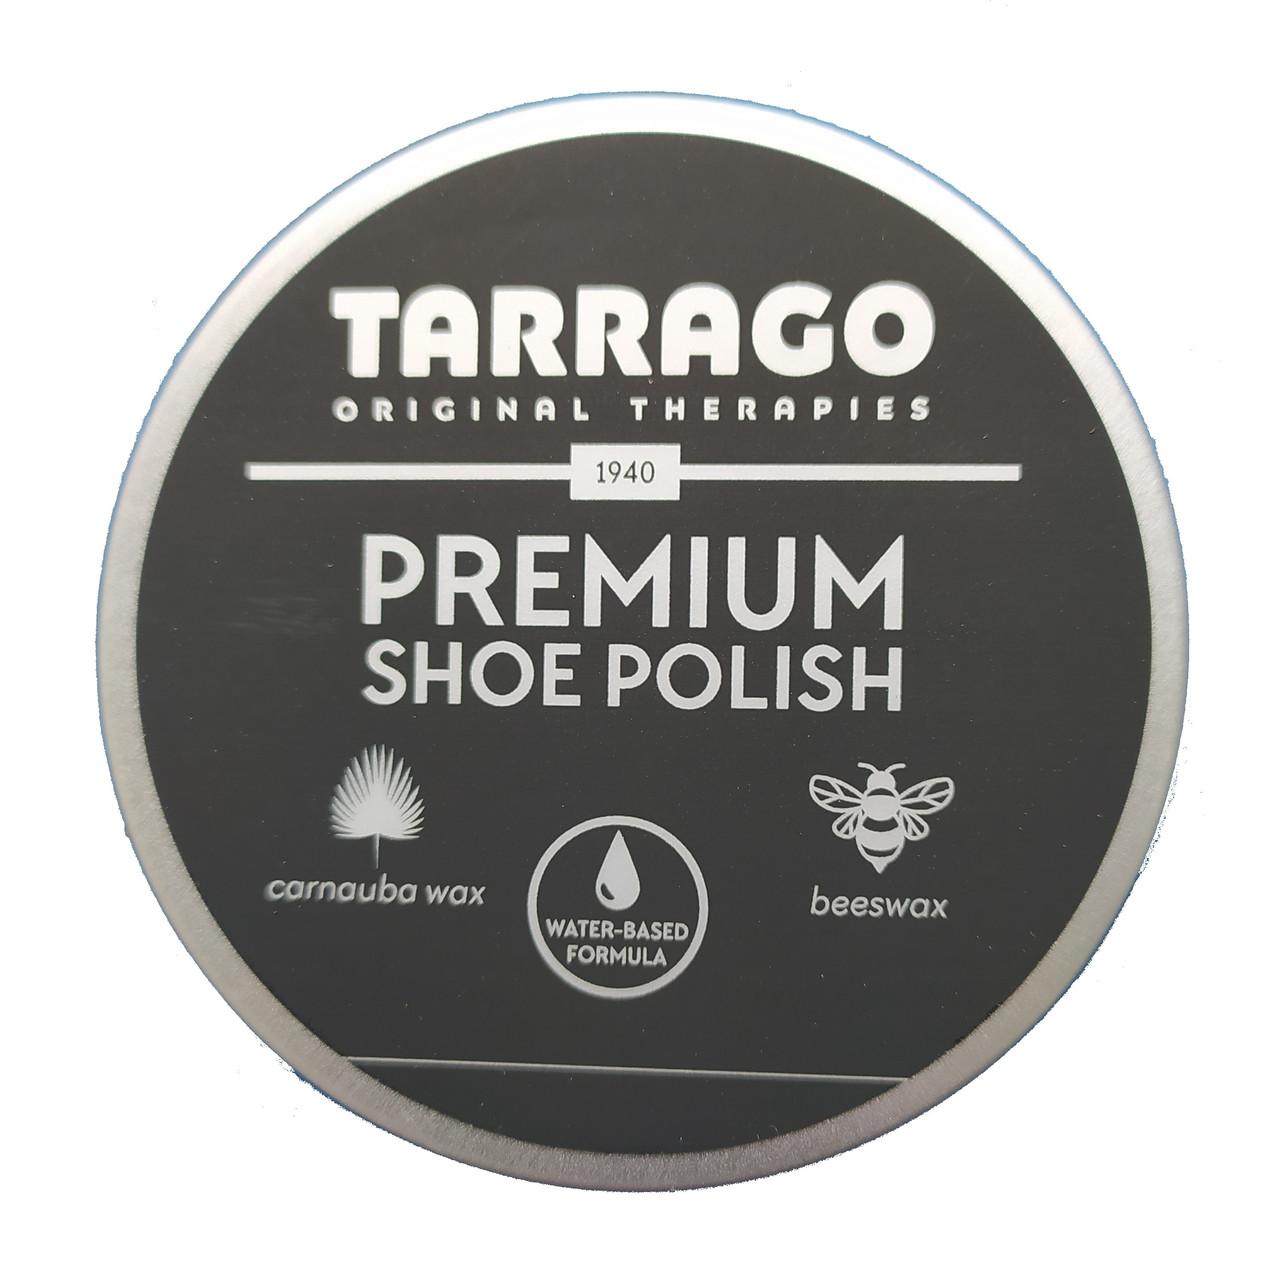 Крем-паста для обуви Tarrago Premium Shoe Polish 50 ml